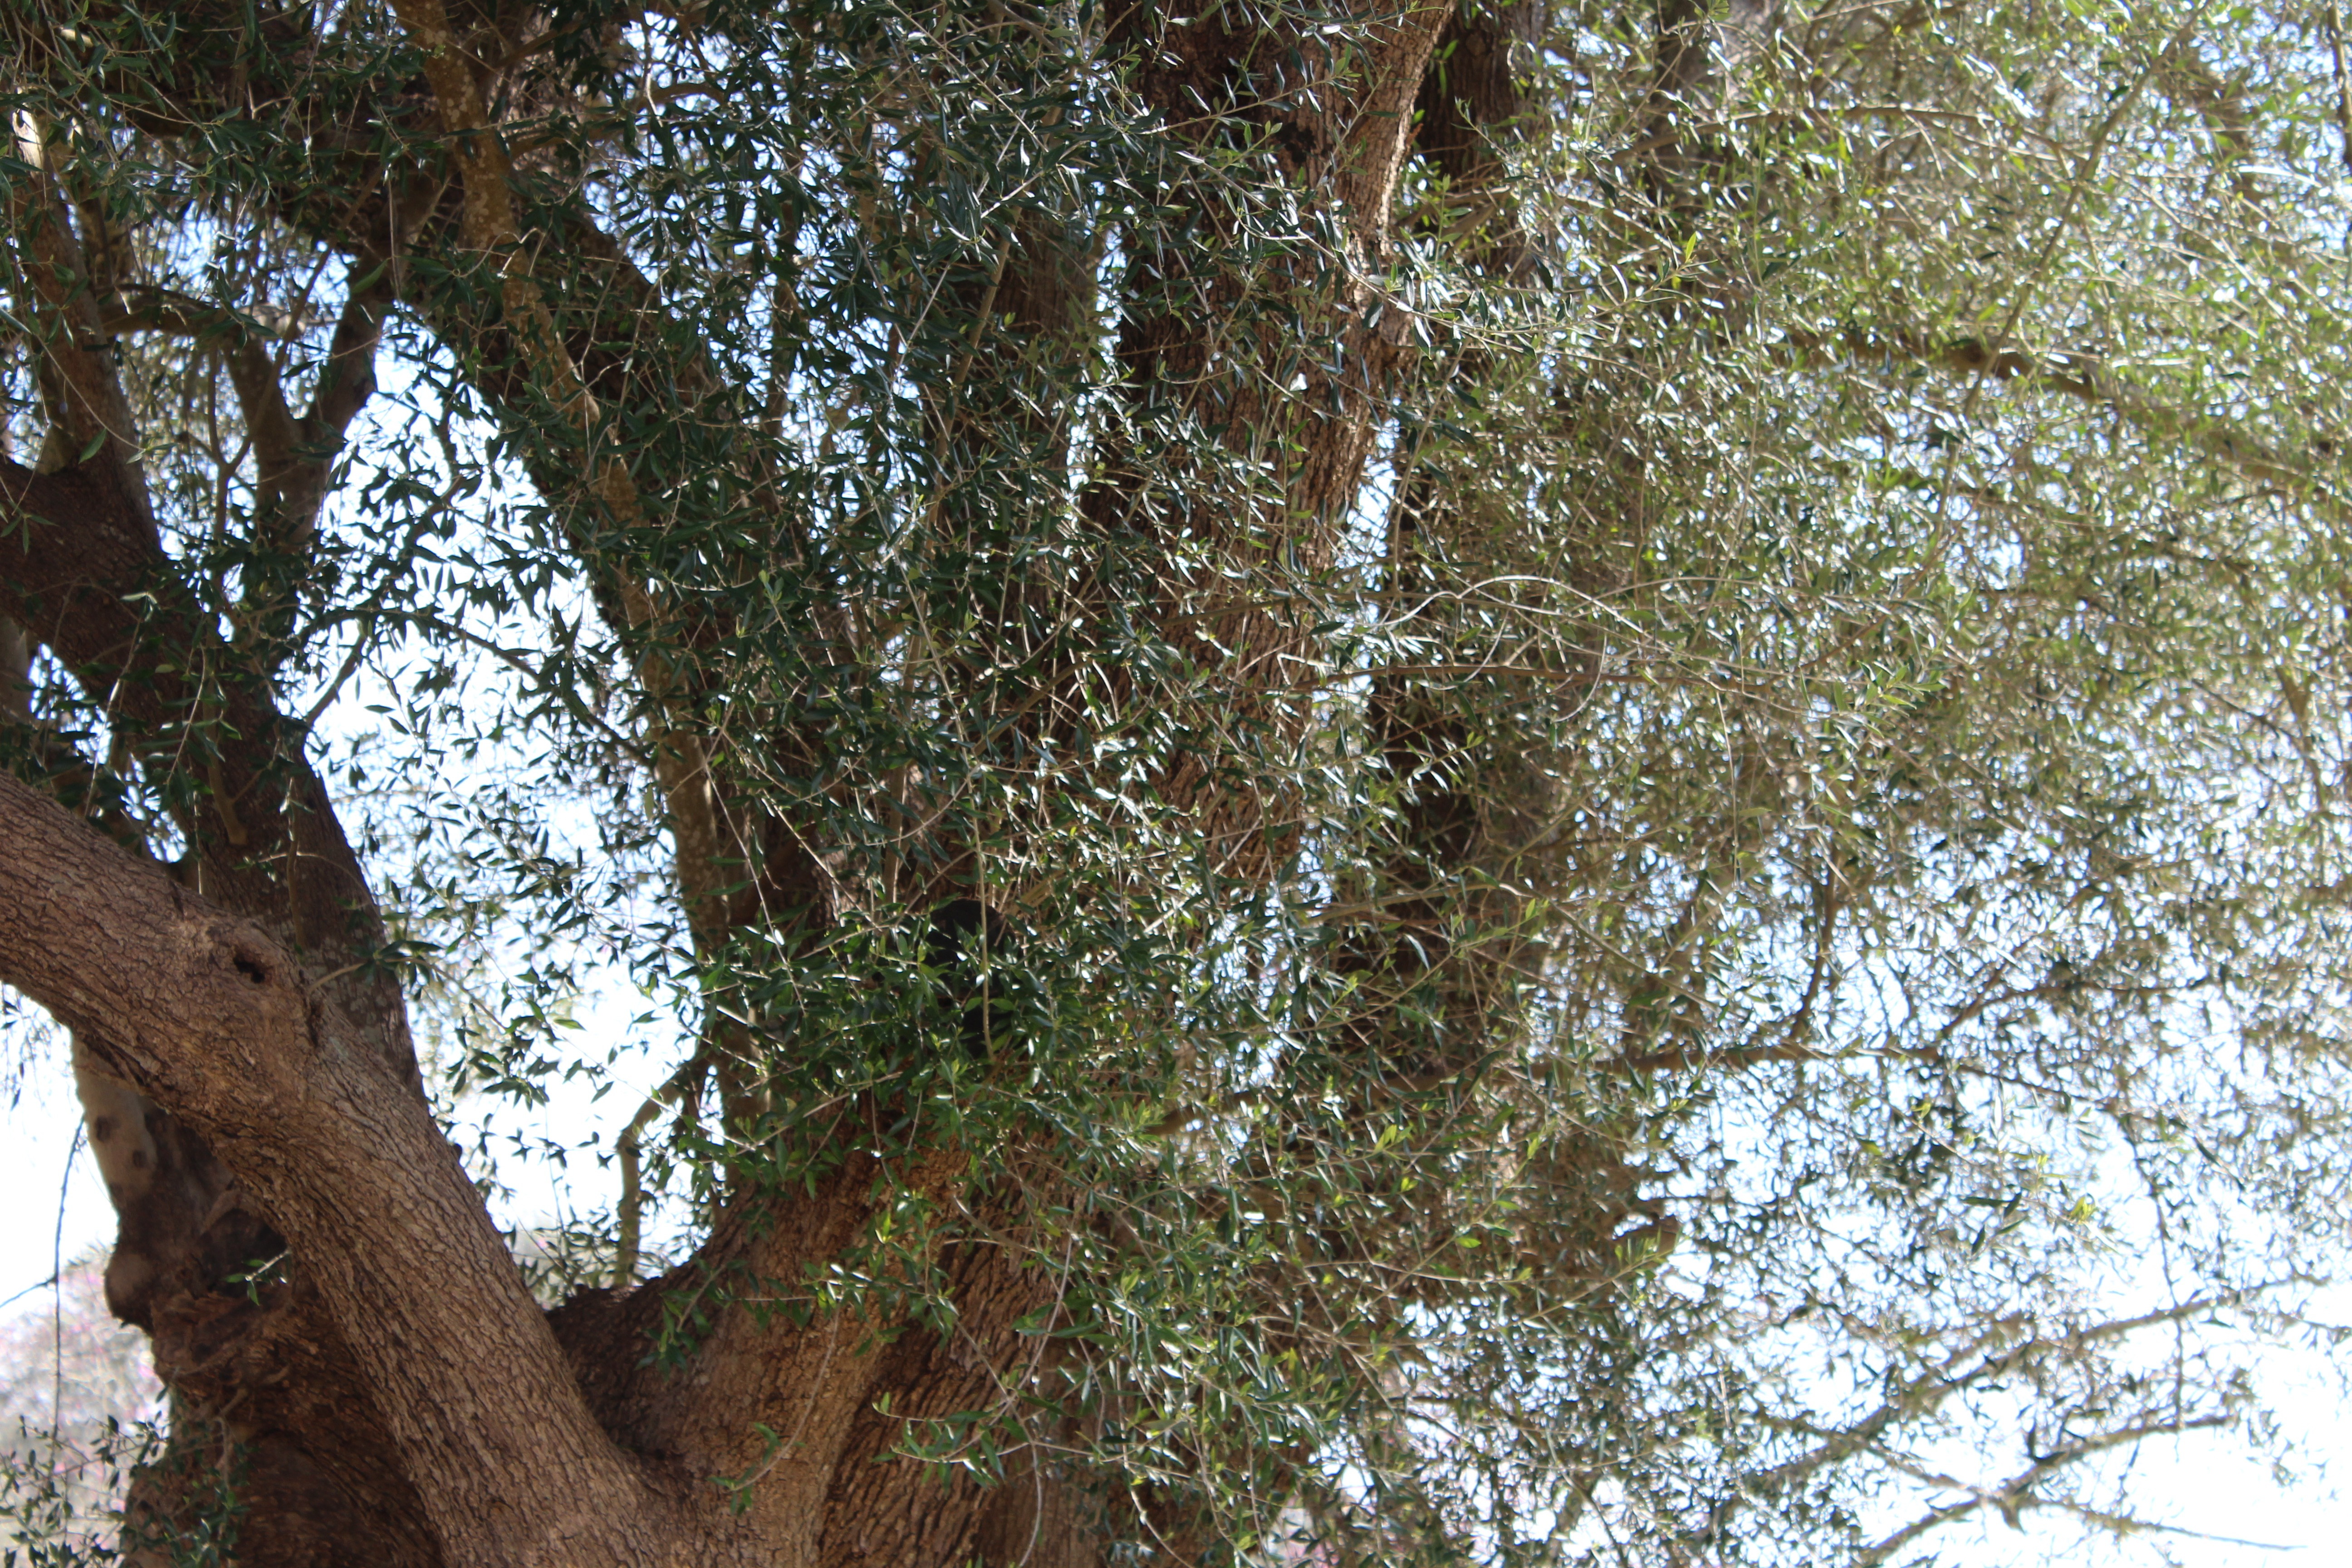 olivier grèce olympie